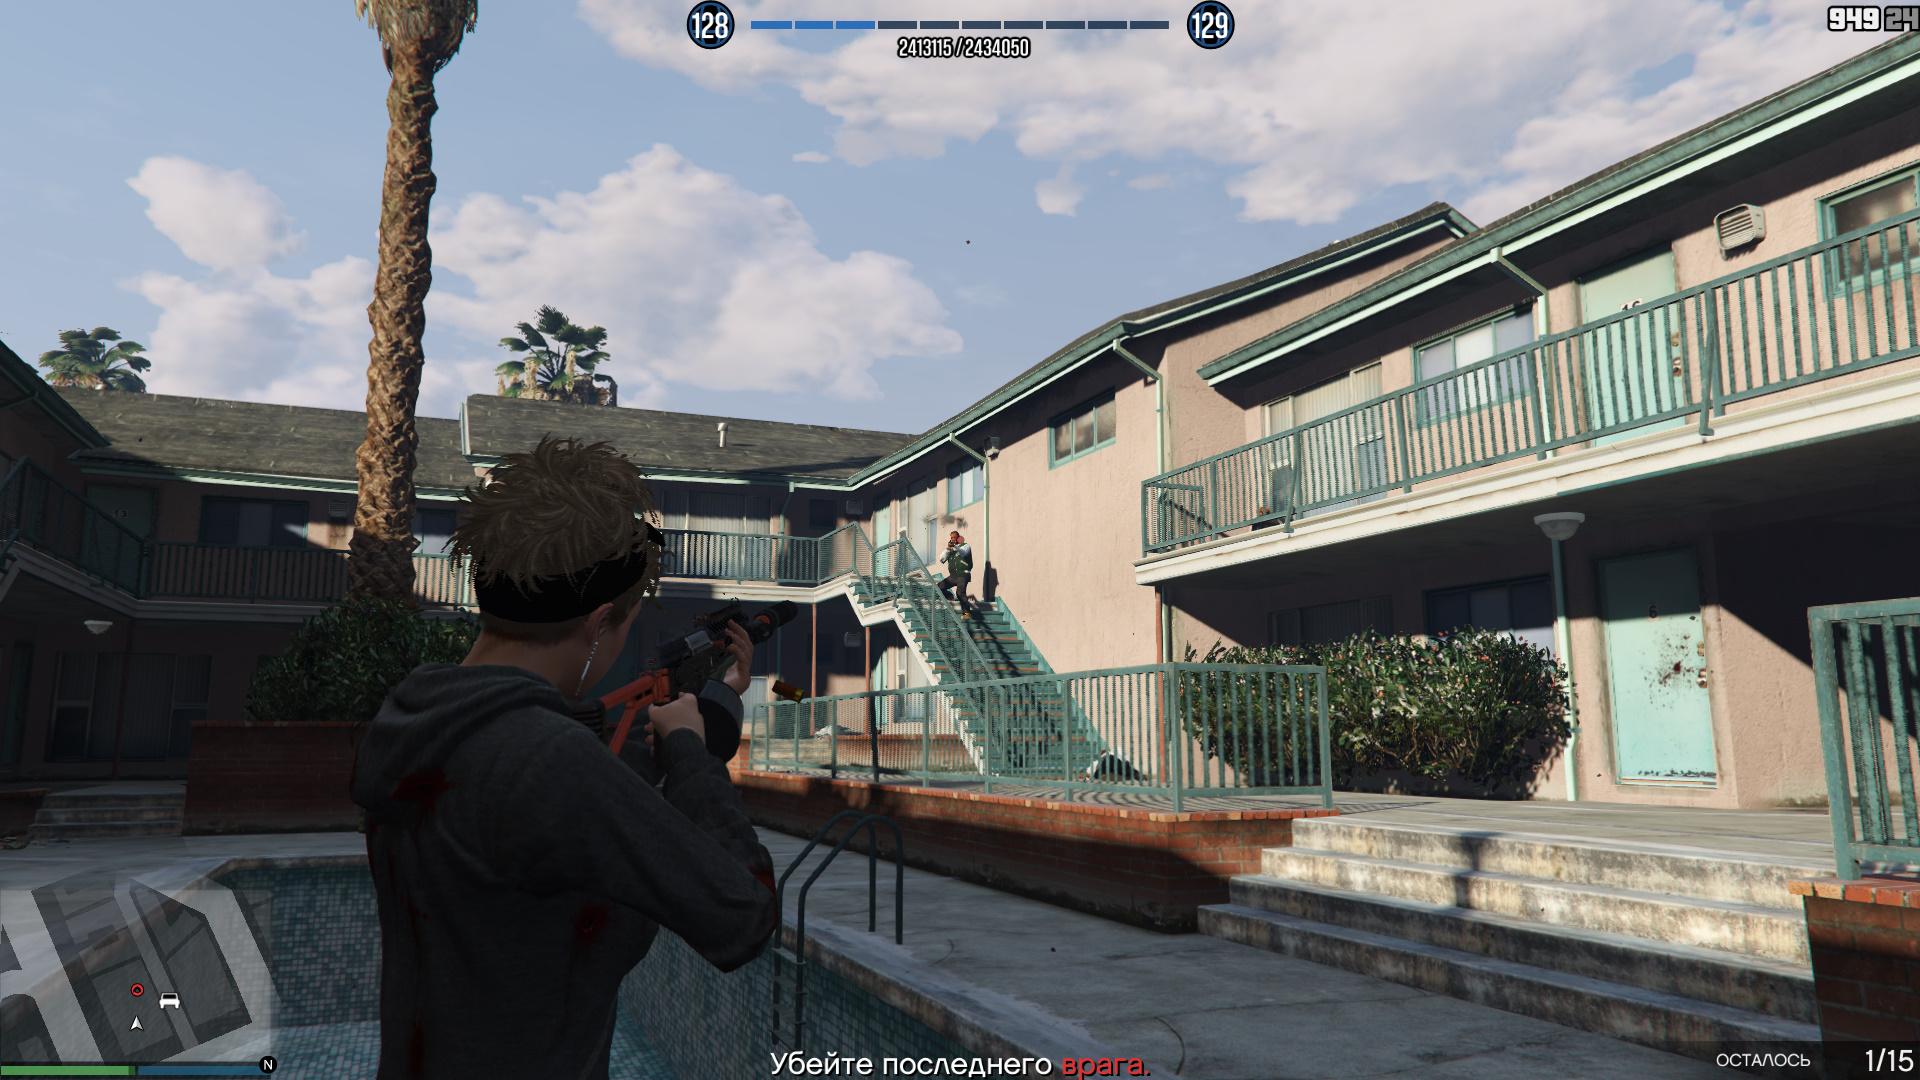 GTA5 2017-05-01 15-15-05-918.jpg - Grand Theft Auto 5 Открытый мир